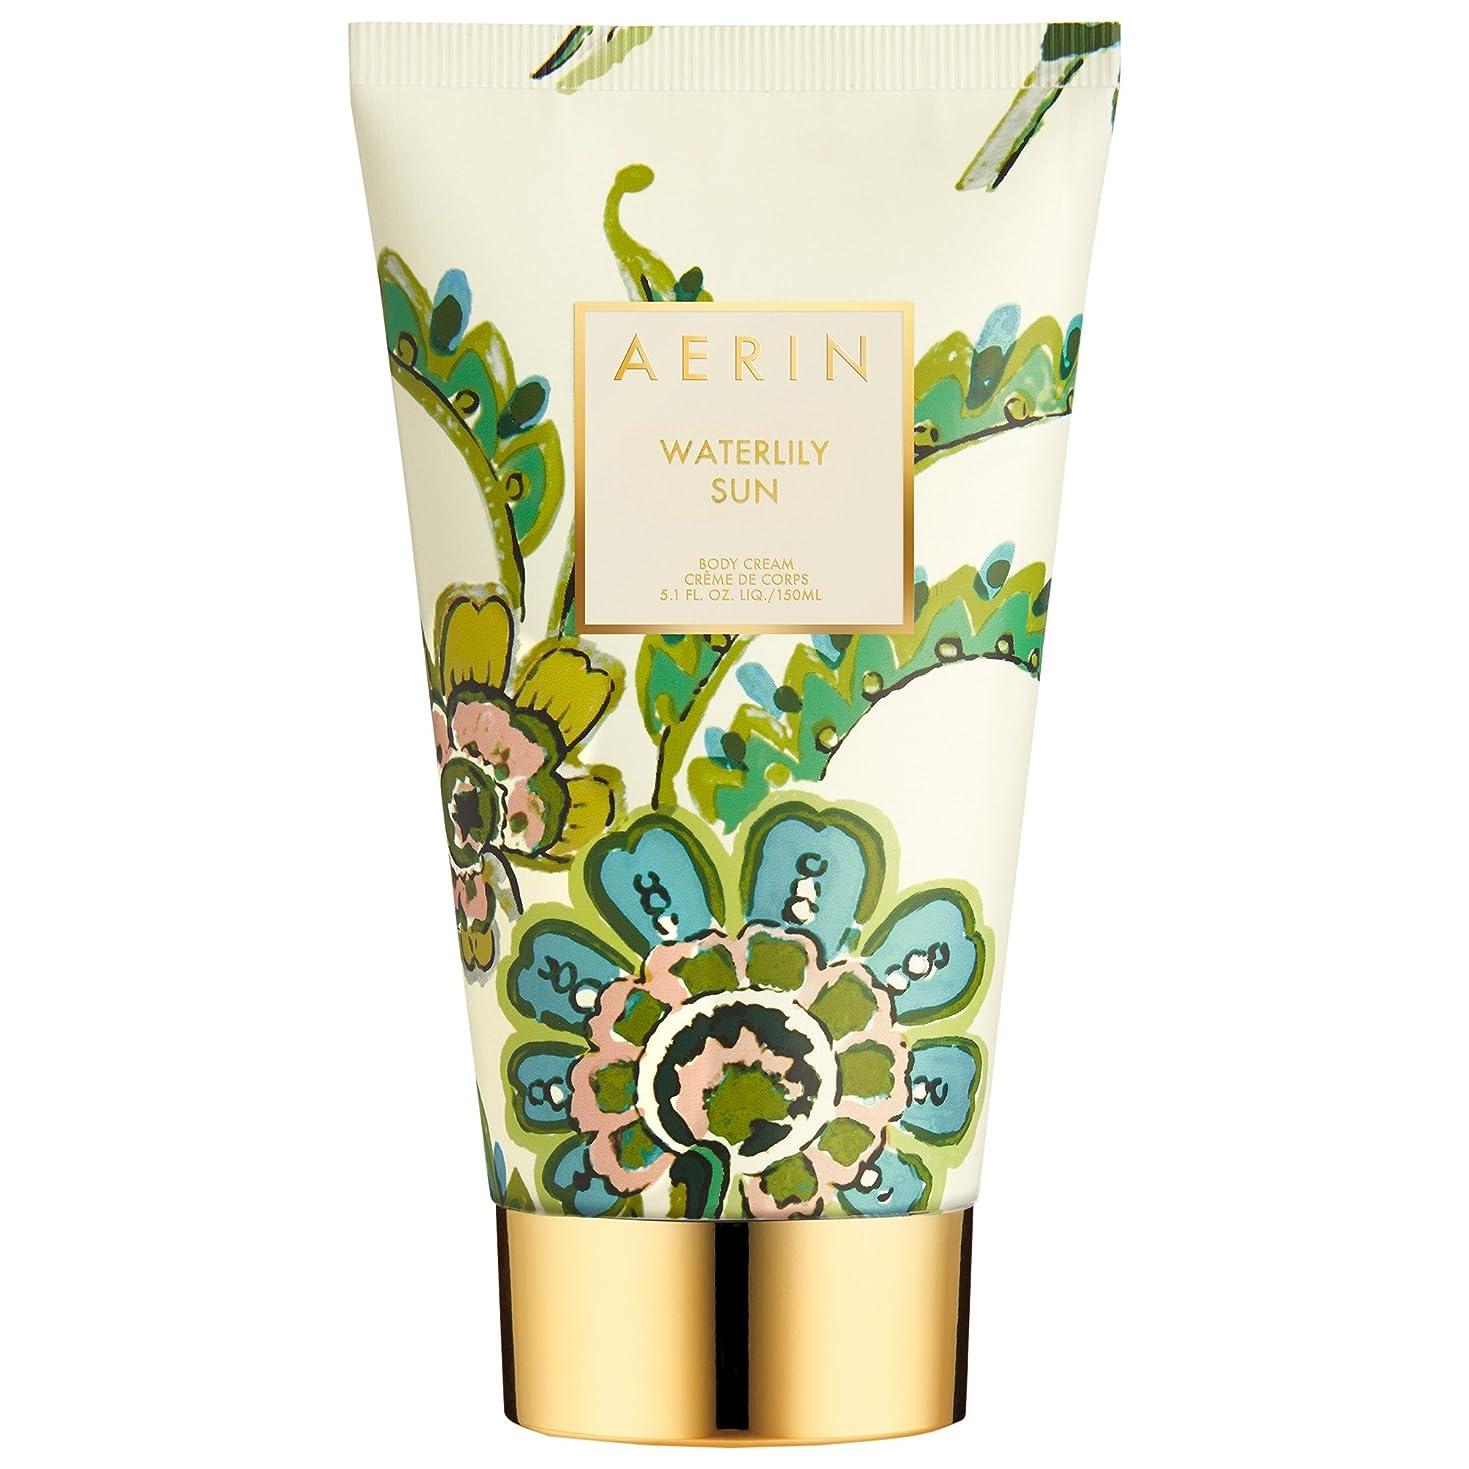 ケージスチュワーデス下着Aerinスイレン日ボディクリーム150ミリリットル (AERIN) (x2) - AERIN Waterlily Sun Body Cream 150ml (Pack of 2) [並行輸入品]